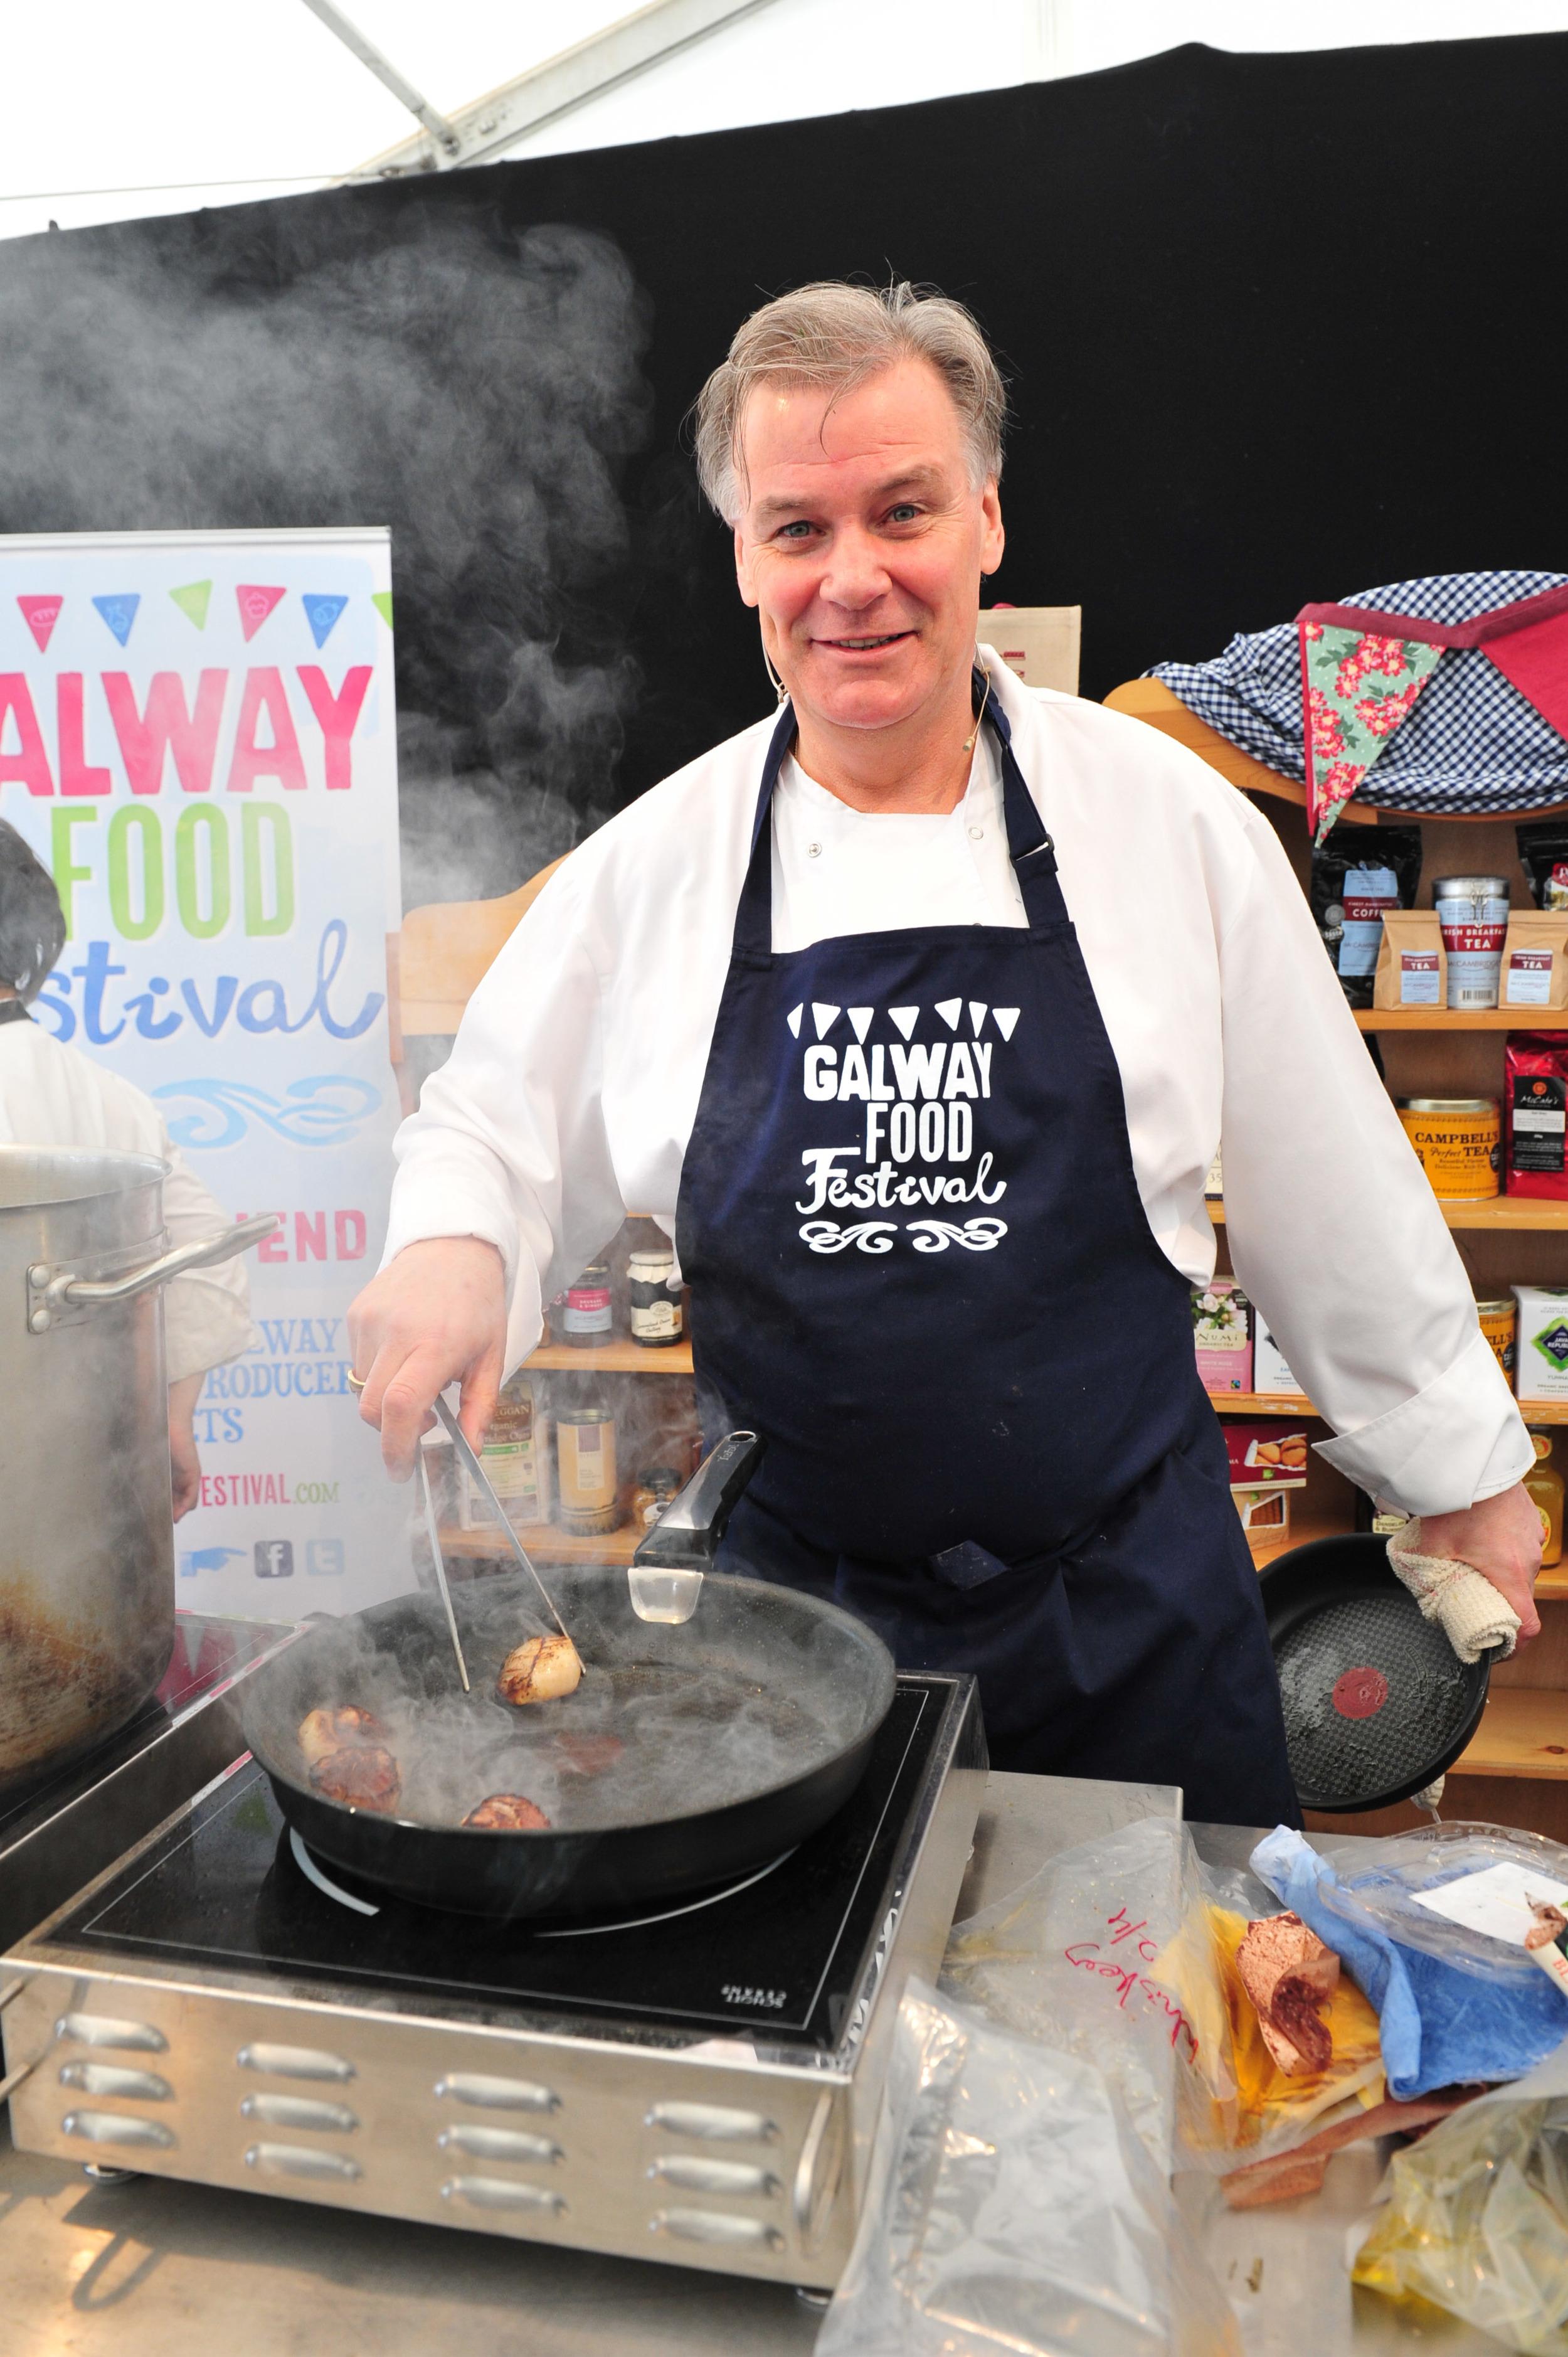 Galway Food Festival 2015 All-148.jpg